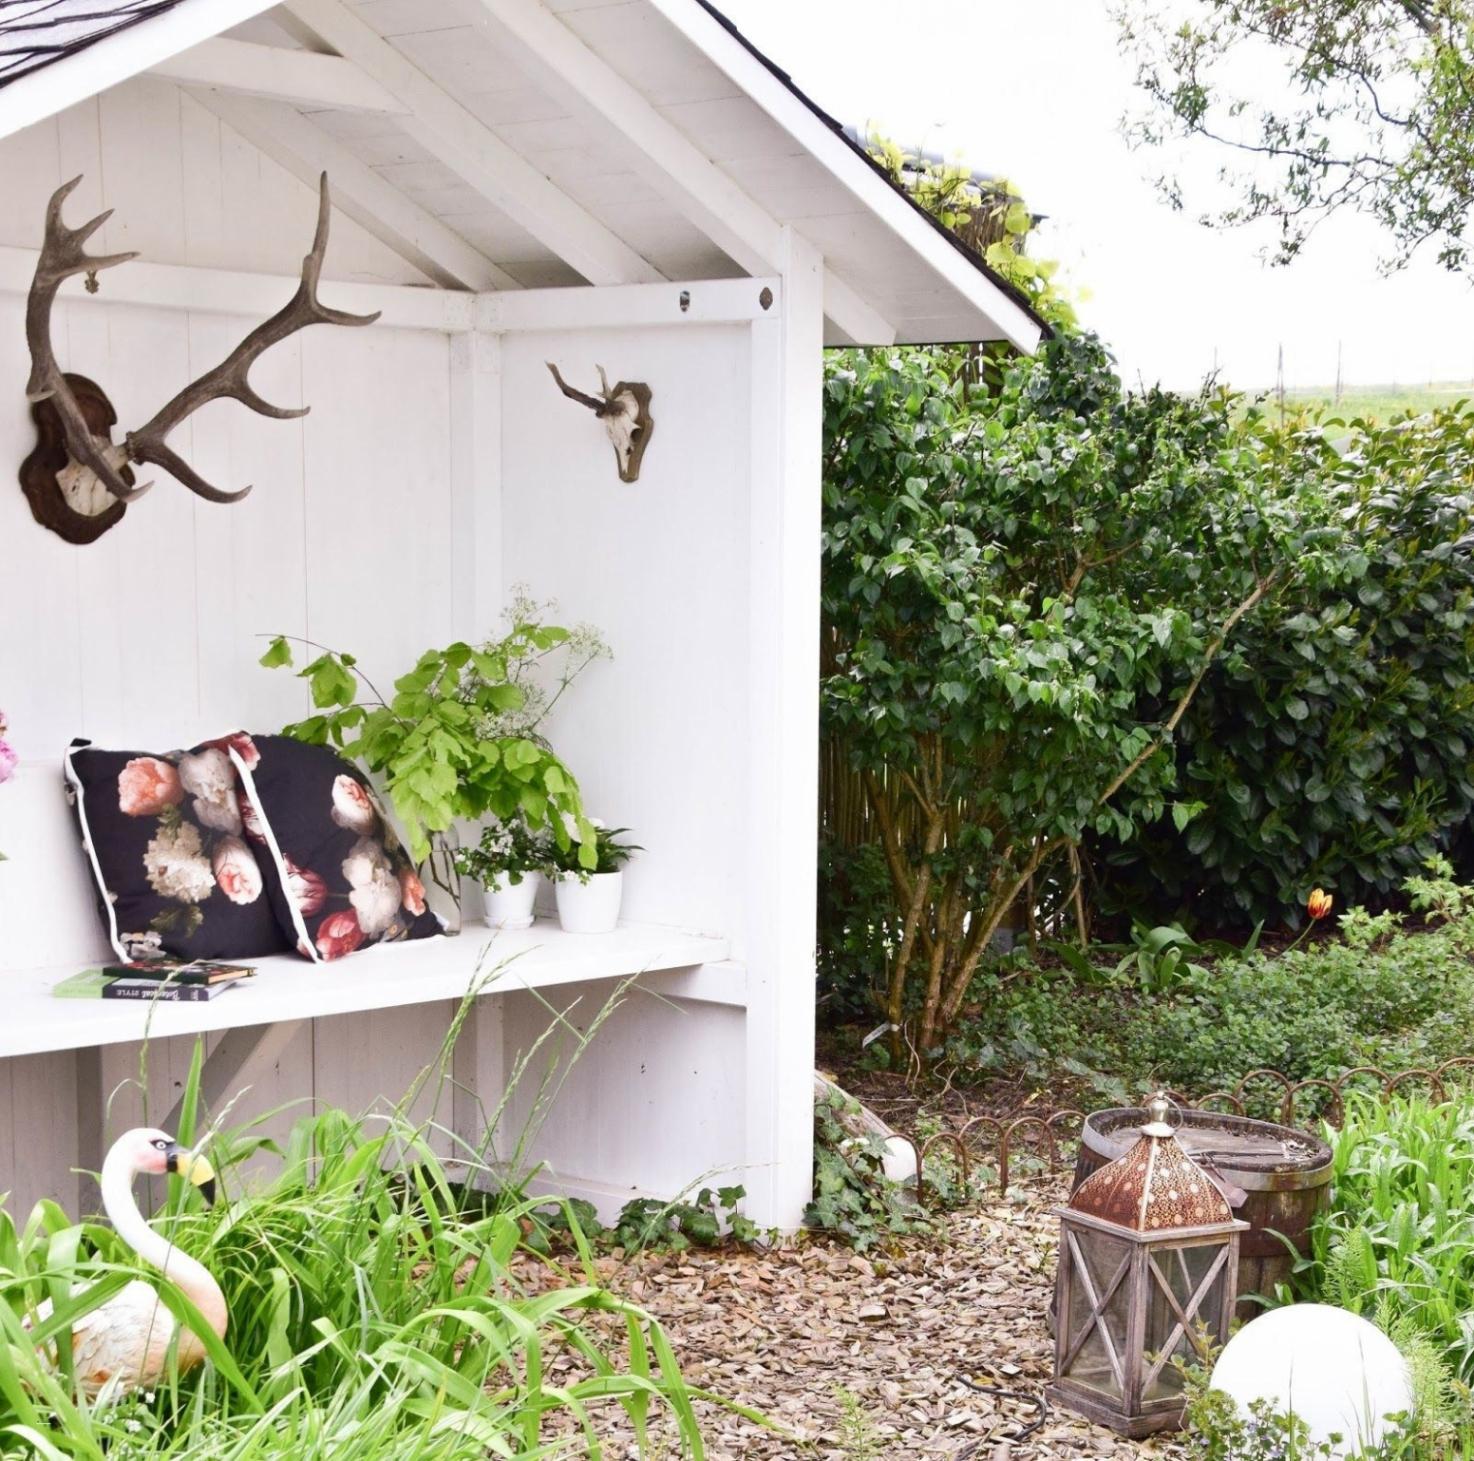 Bastelideen Aus Holz Für Den Garten Neu Deko Draußen Selber Machen — Temobardz Home Blog